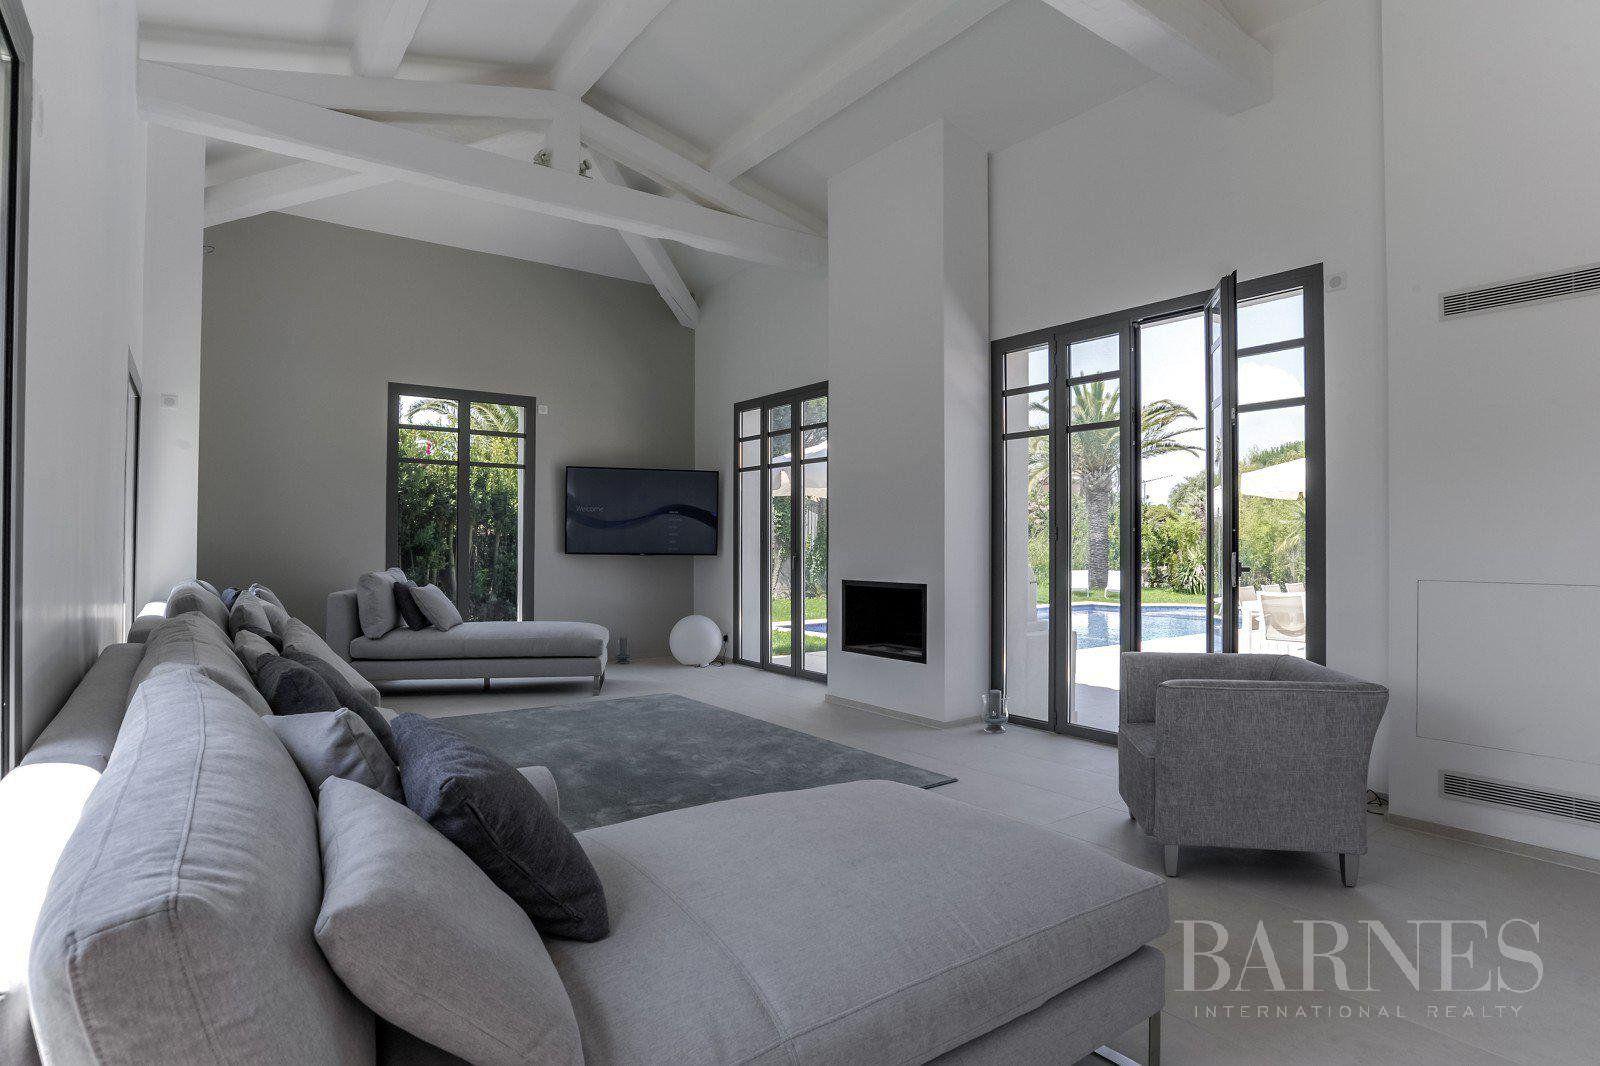 SAINT TROPEZ - A 300 m de la plage des Canoubiers, une villa avec piscine rénovée avec goût  91/5000 Essayez avec cette orthographe : SAINT TROPEZ - A 300m de la plage des Canoubiers, une villa avec p